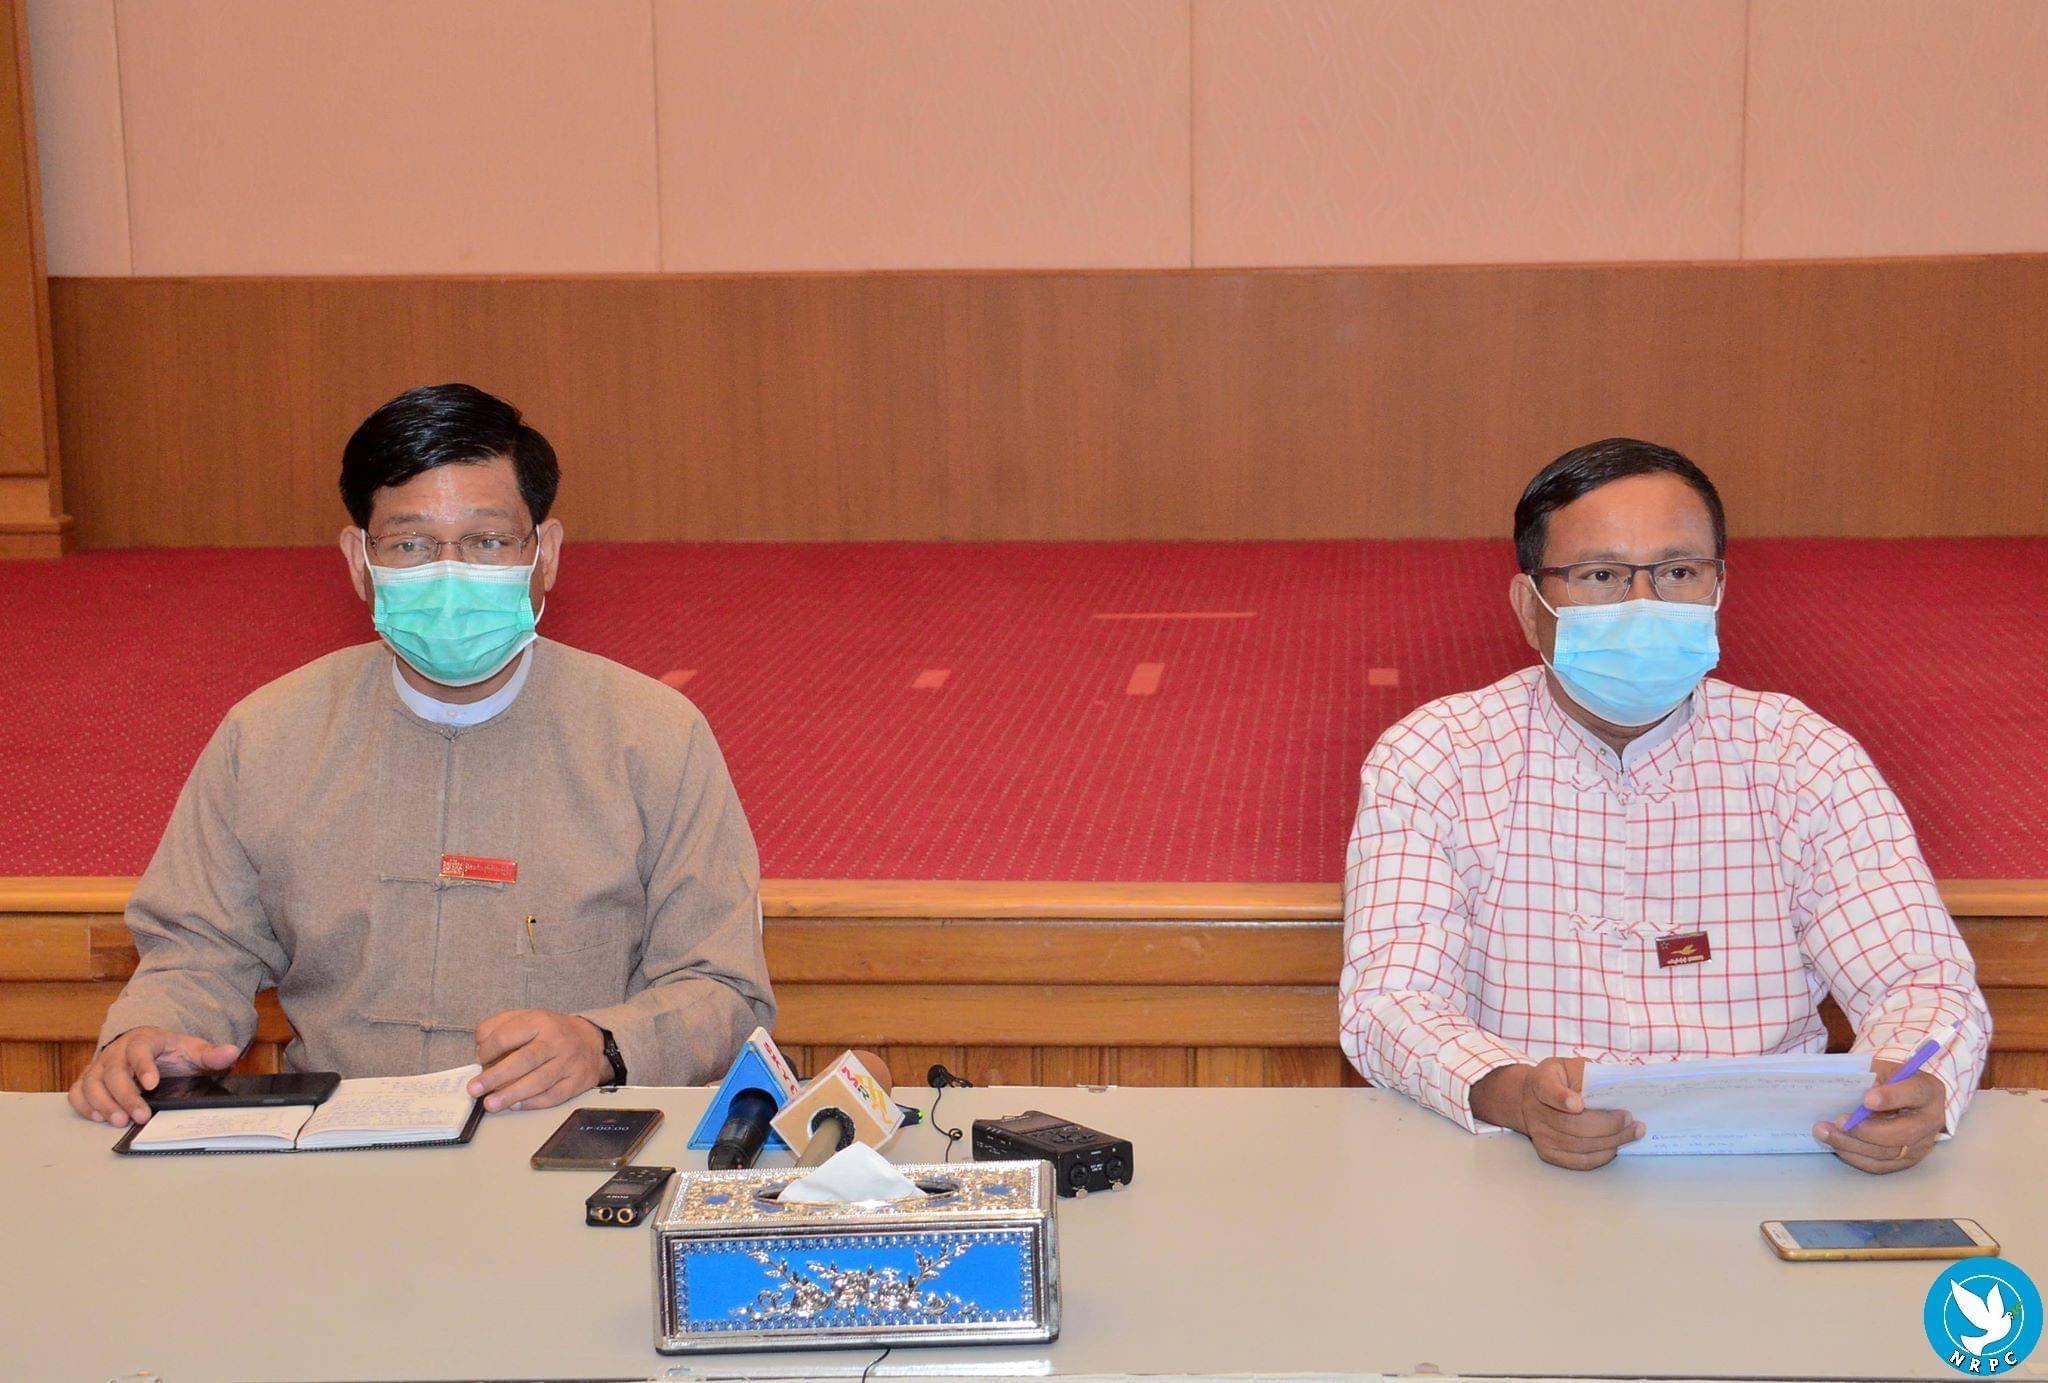 缅甸政府将邀请七支未签署全国停火协议的民族地方武装参加彬龙和平大会